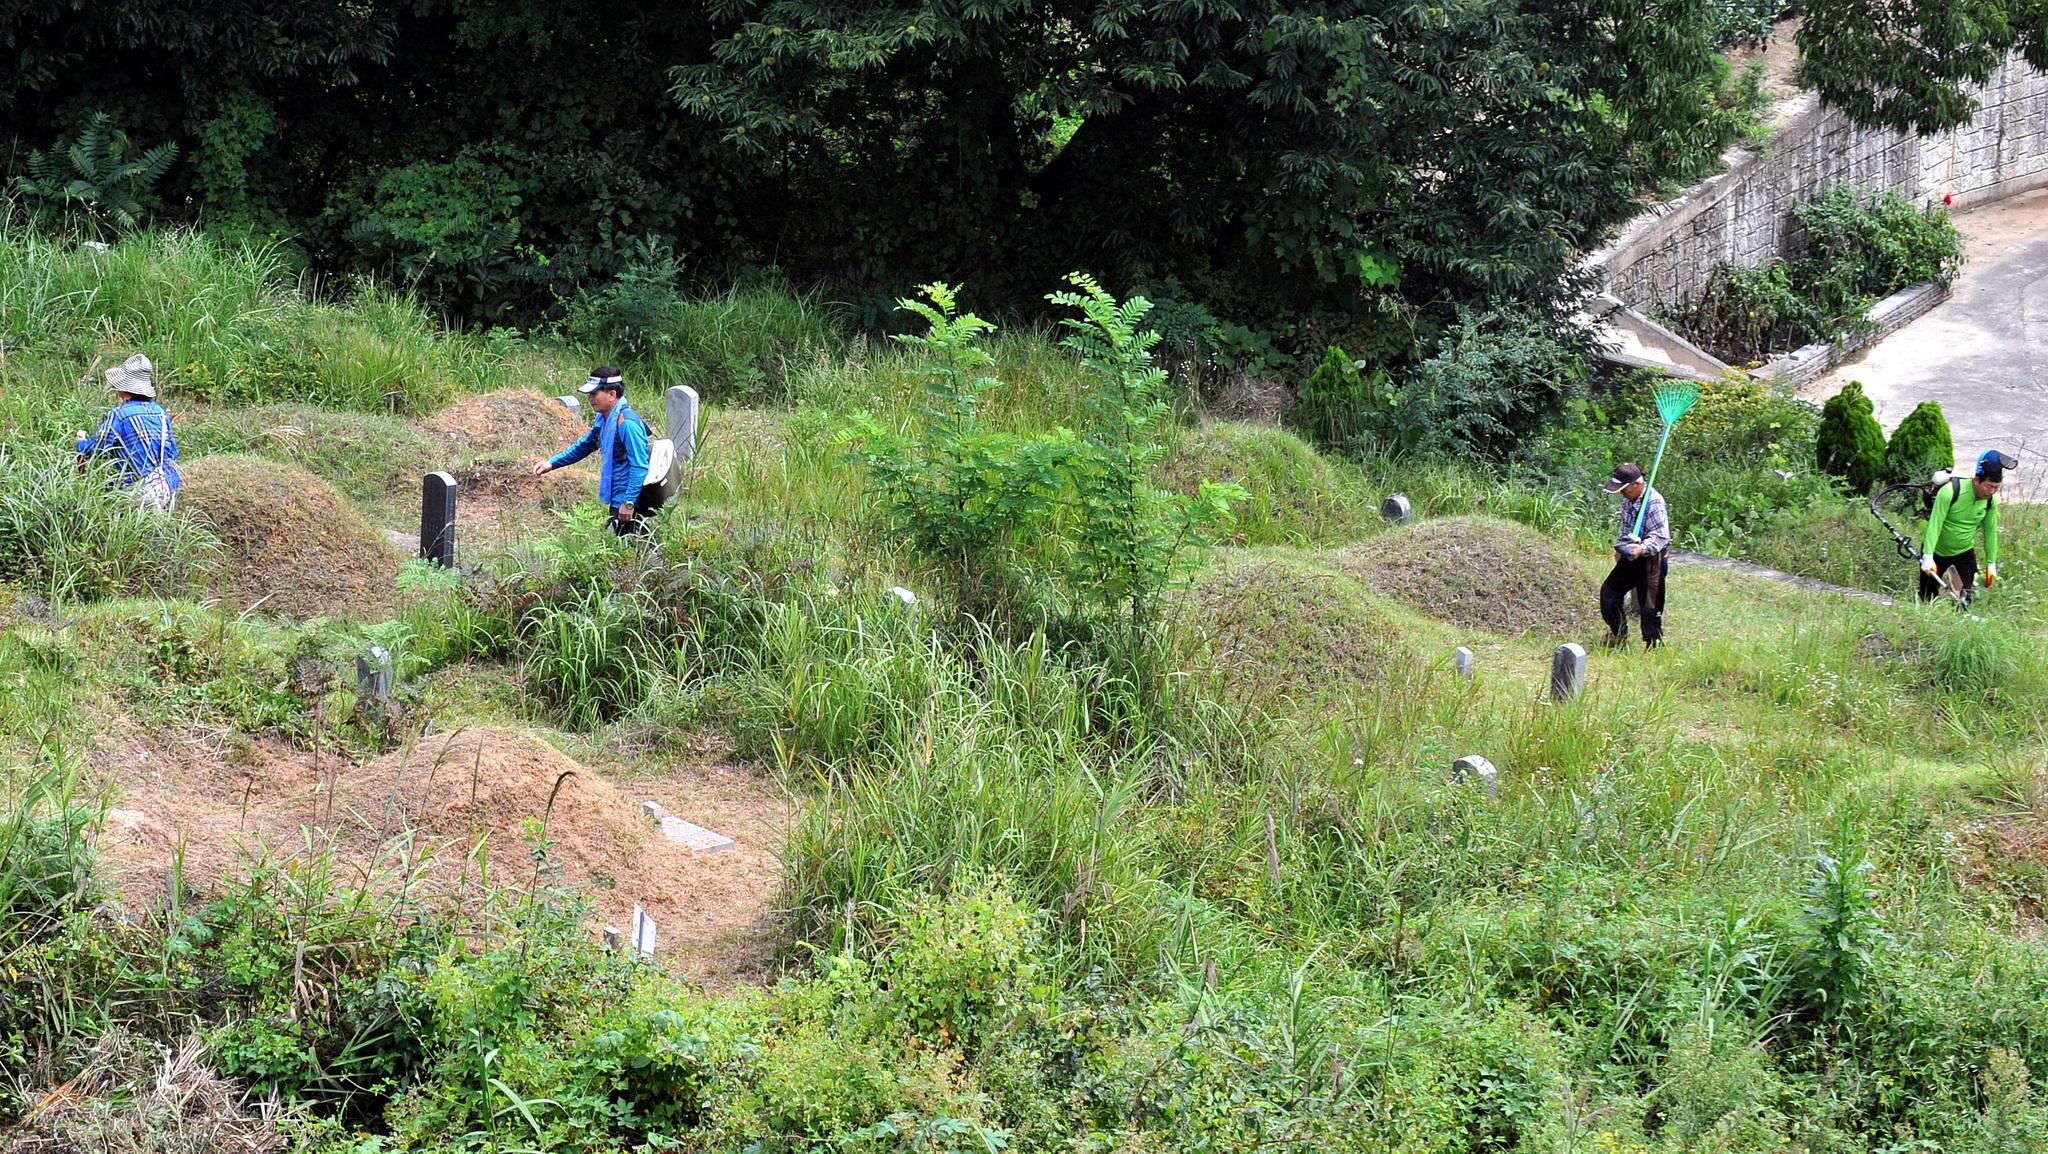 대전시립공원묘지에 성묘를 온 시민들이 벌초하기 위해 예초 기기와 낫 등을 들고 이동하고 있다. 이처럼 수풀이 많은 곳에선 진드기에 물리지 않도록 주의해야 한다. [중앙포토]